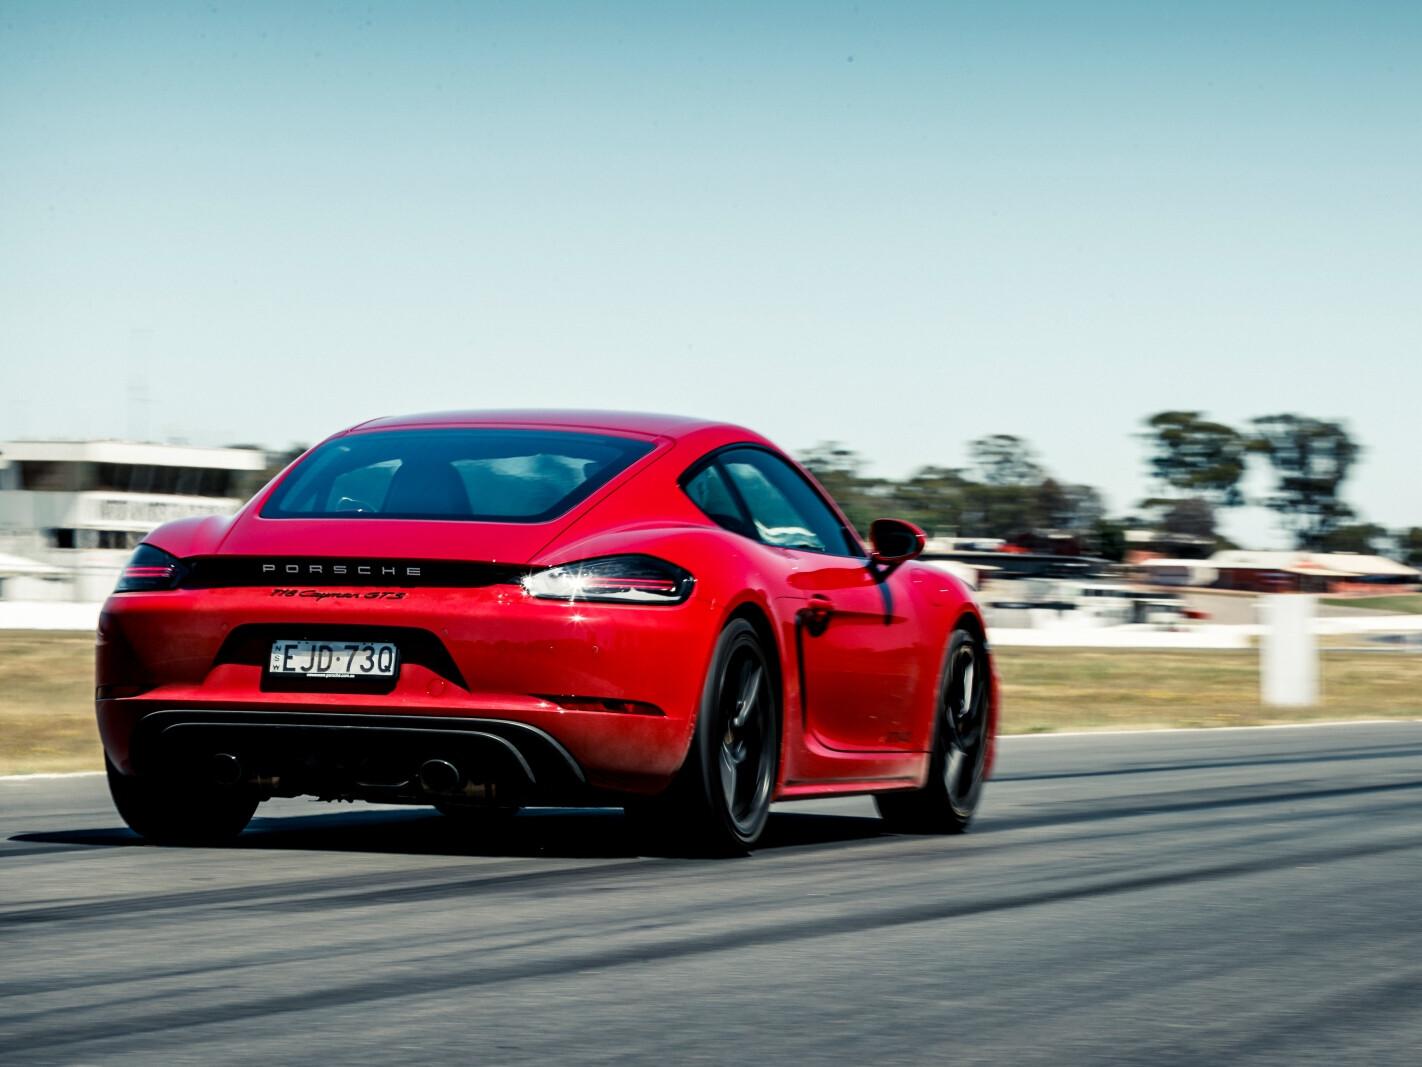 2021 Porsche Cayman GTS 4.0 manual